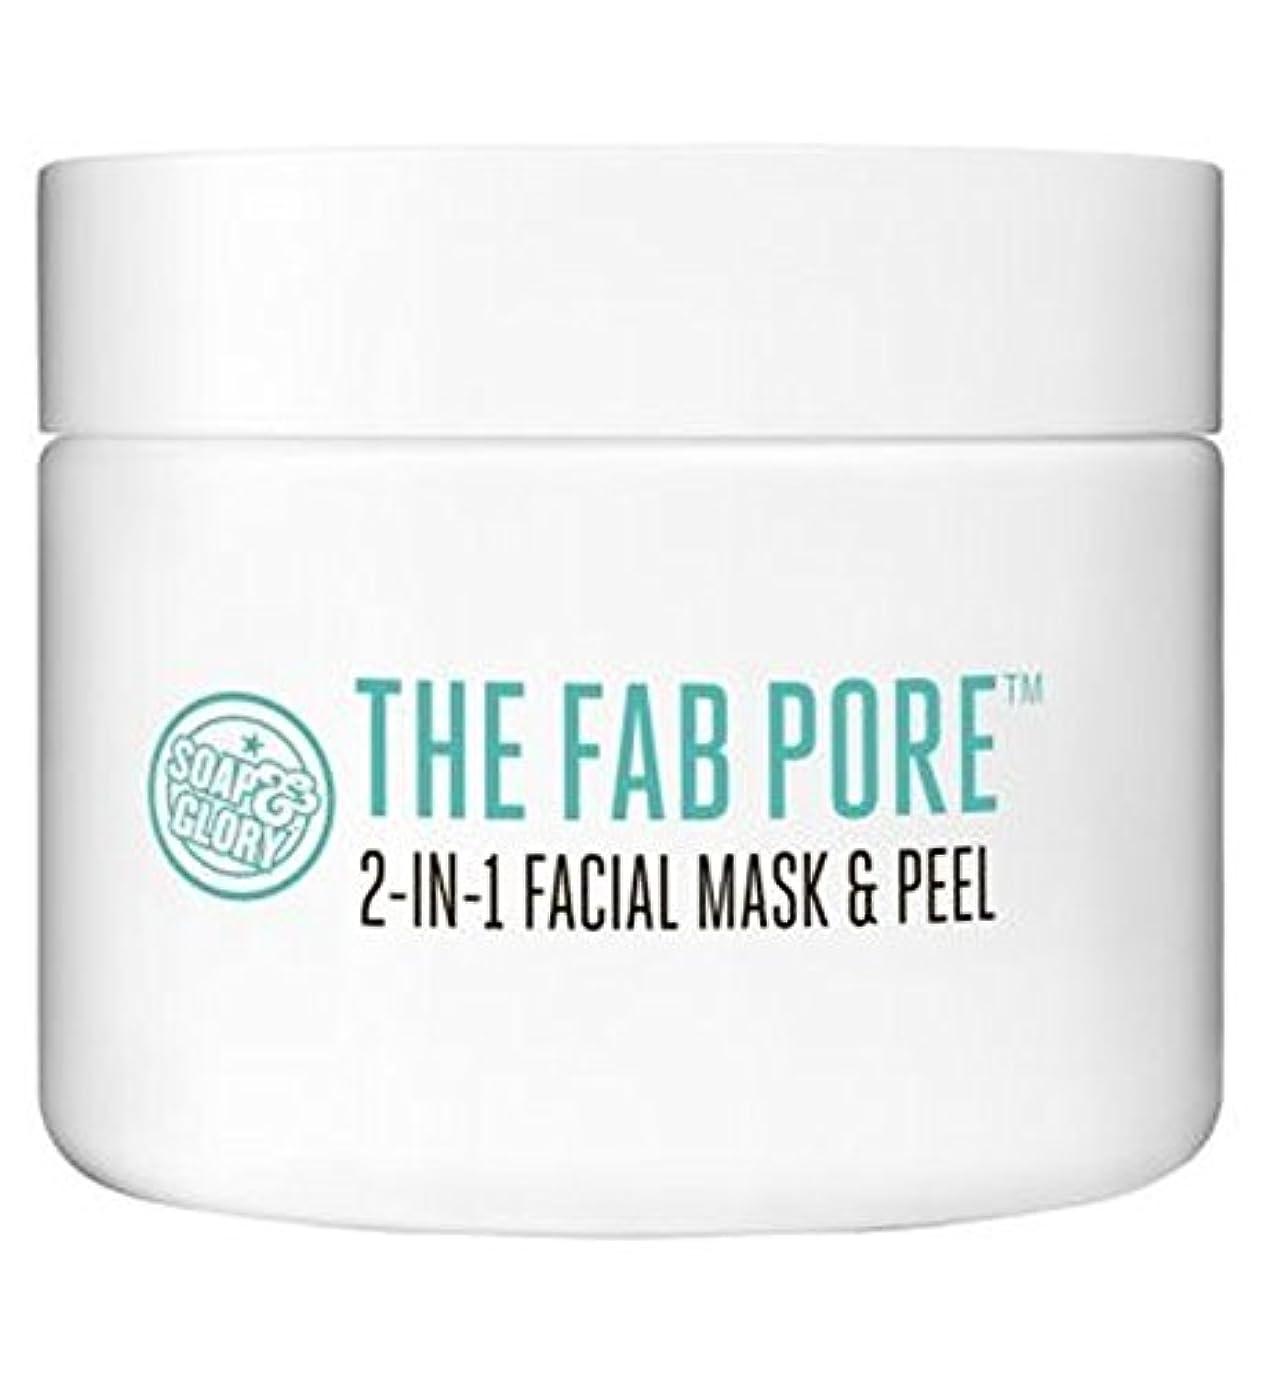 姿勢スライス嫌がらせファブ細孔?2イン1顔の細孔浄化マスク&ピール?石鹸&栄光 (Soap & Glory) (x2) - Soap & Glory? Fab Pore? 2-in-1 Facial Pore Purifying Mask...